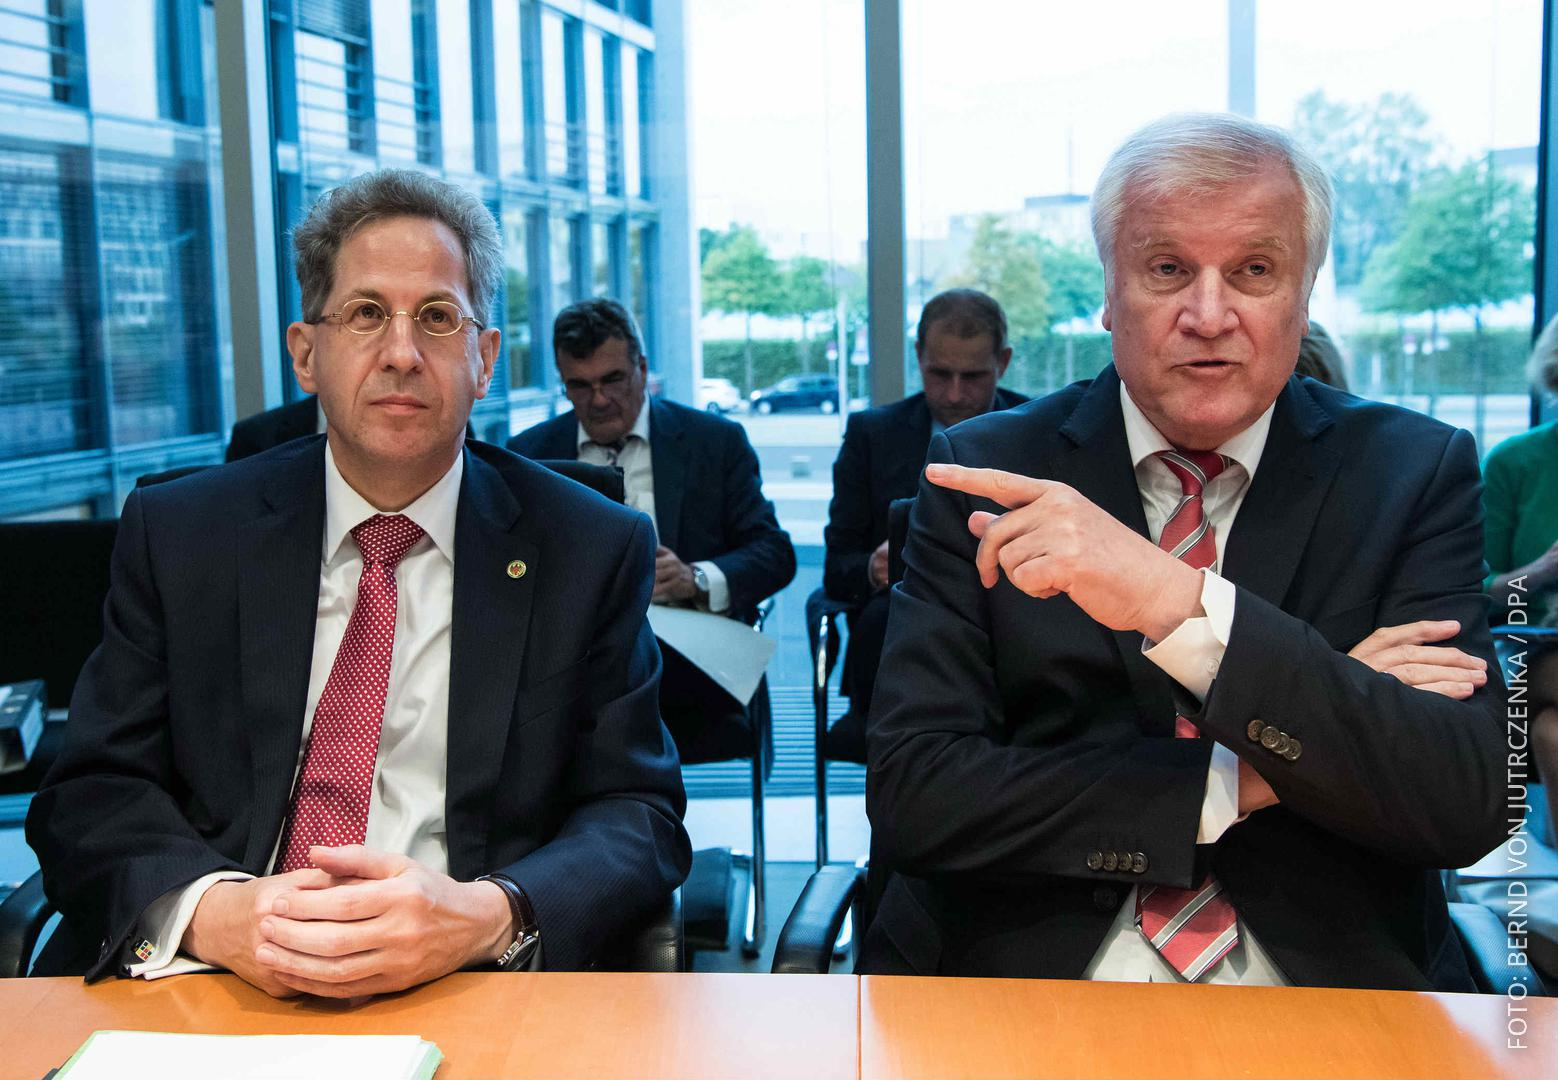 Ex-Verfassungsschutz-Präsident Maaßen und Innenminister Seehofer